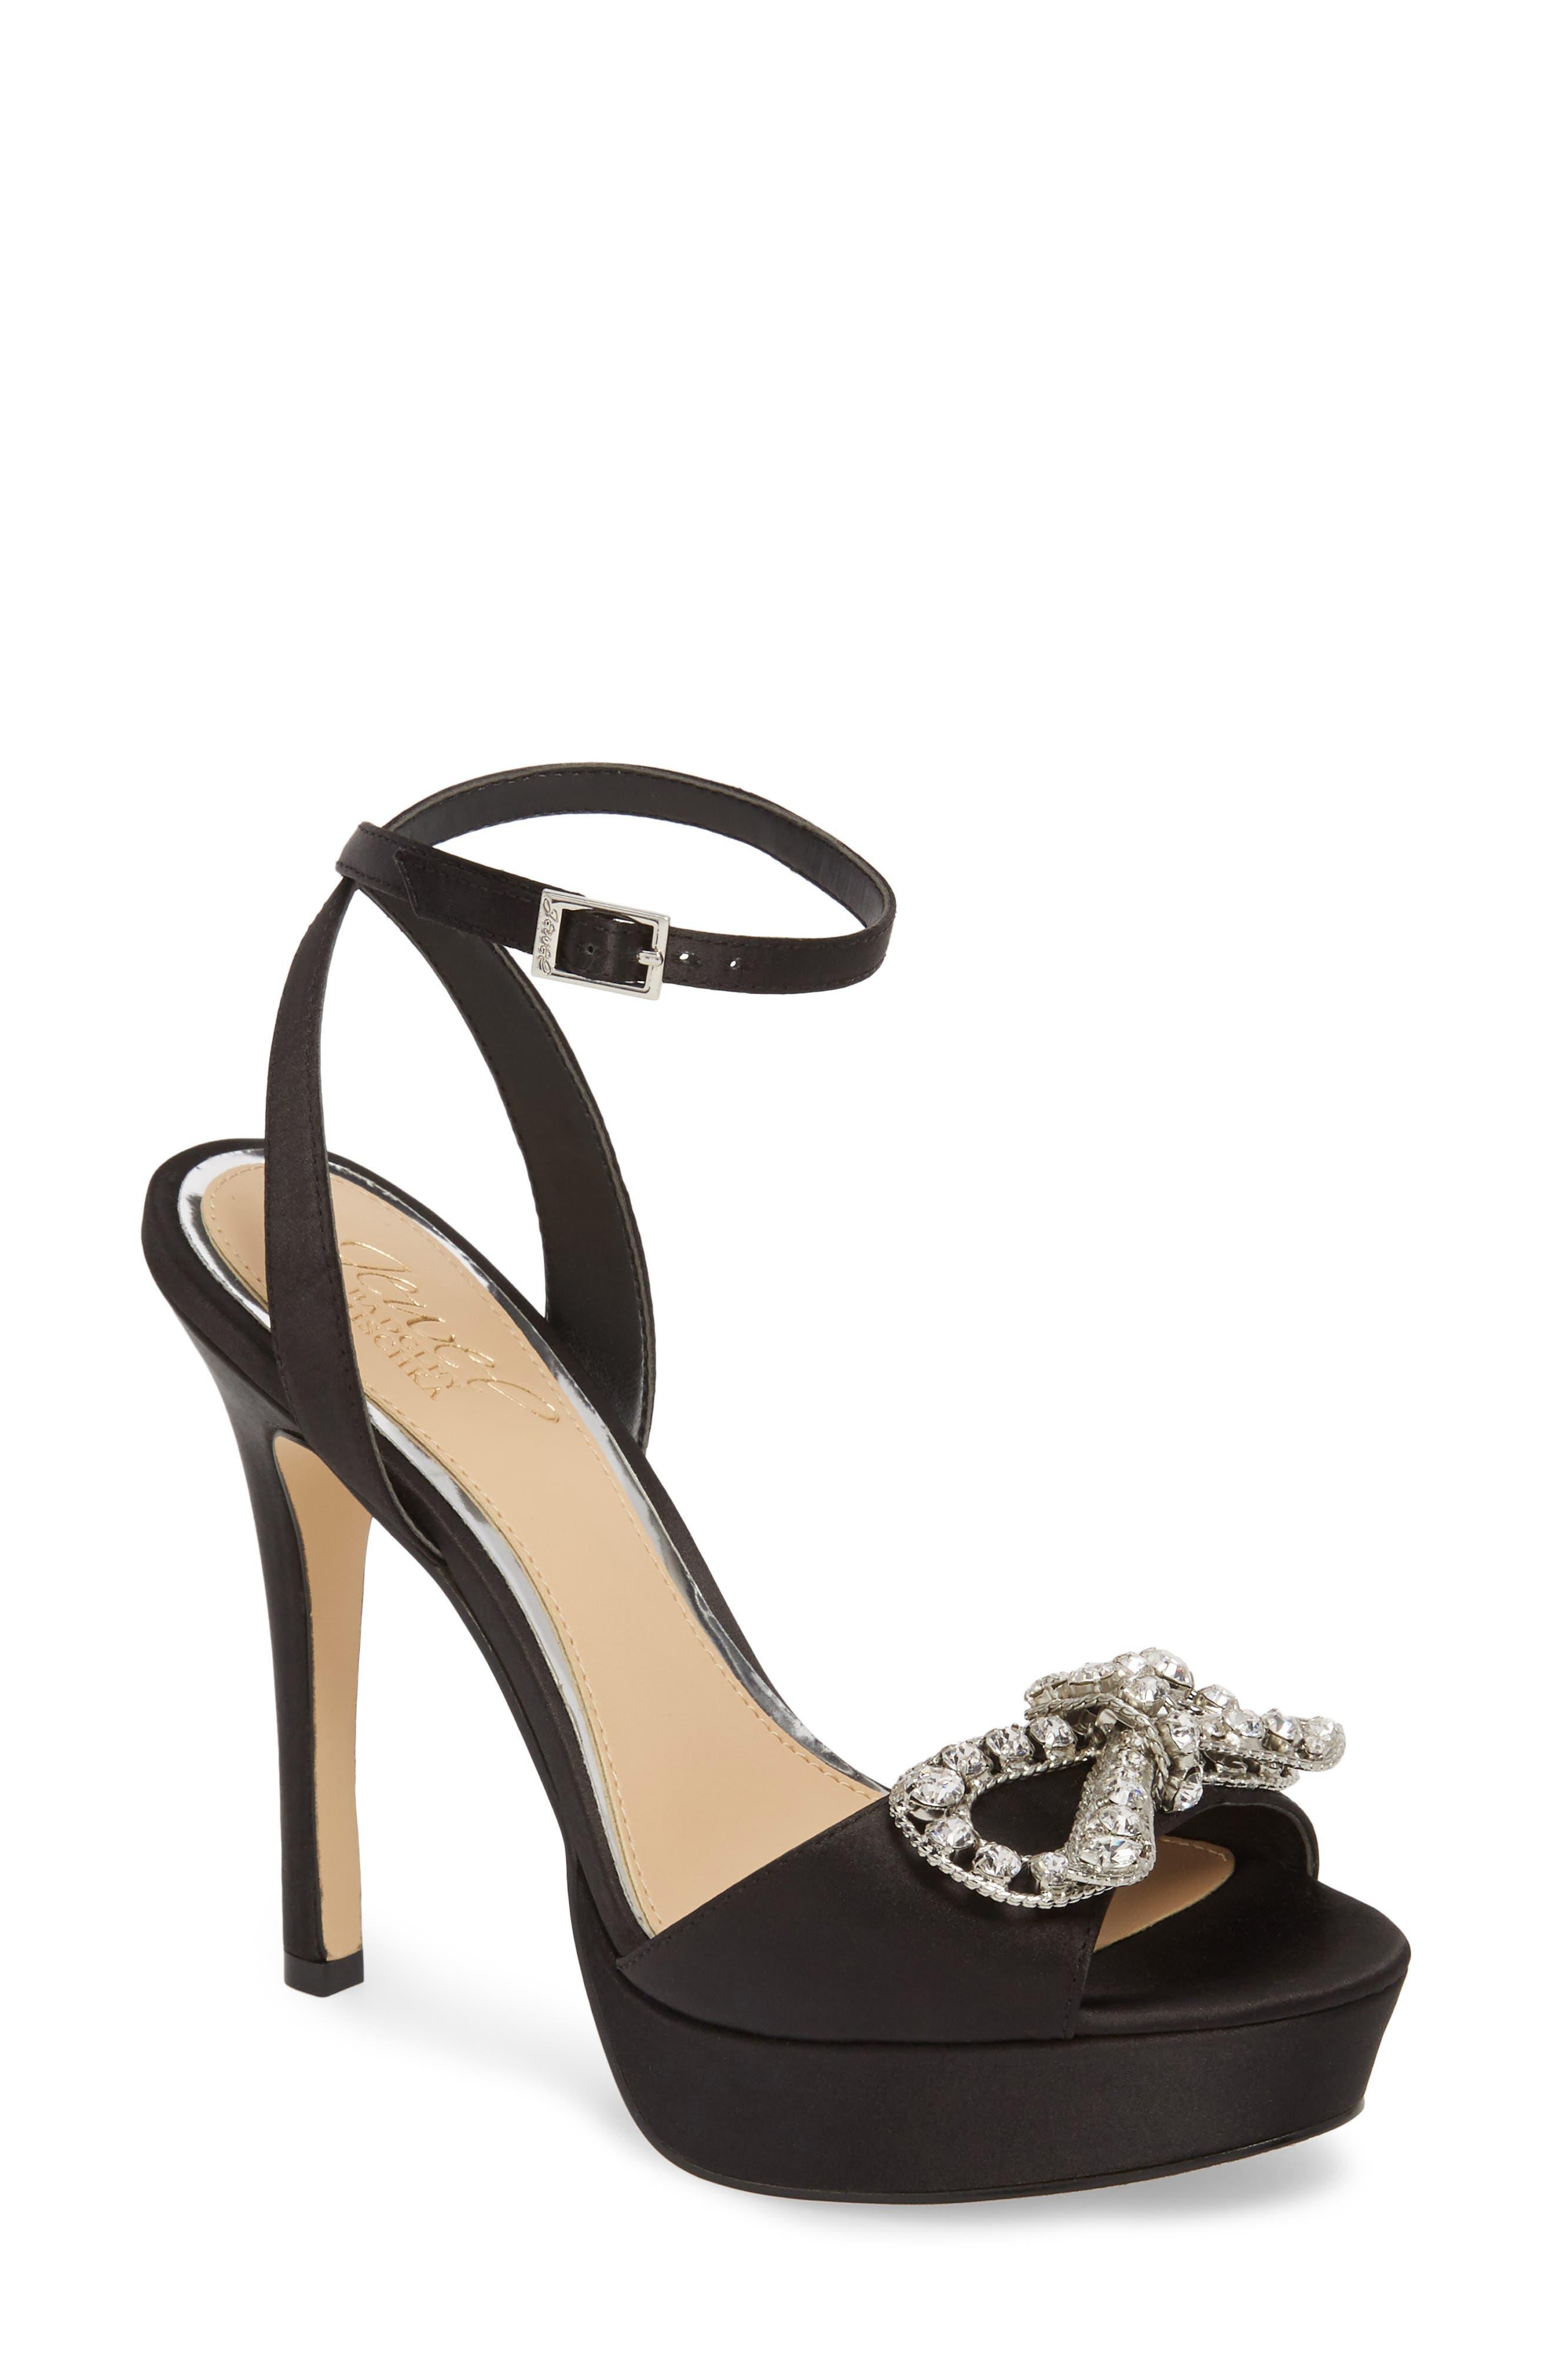 Mildred Crystal Bow Platform Sandal,                         Main,                         color, BLACK SATIN